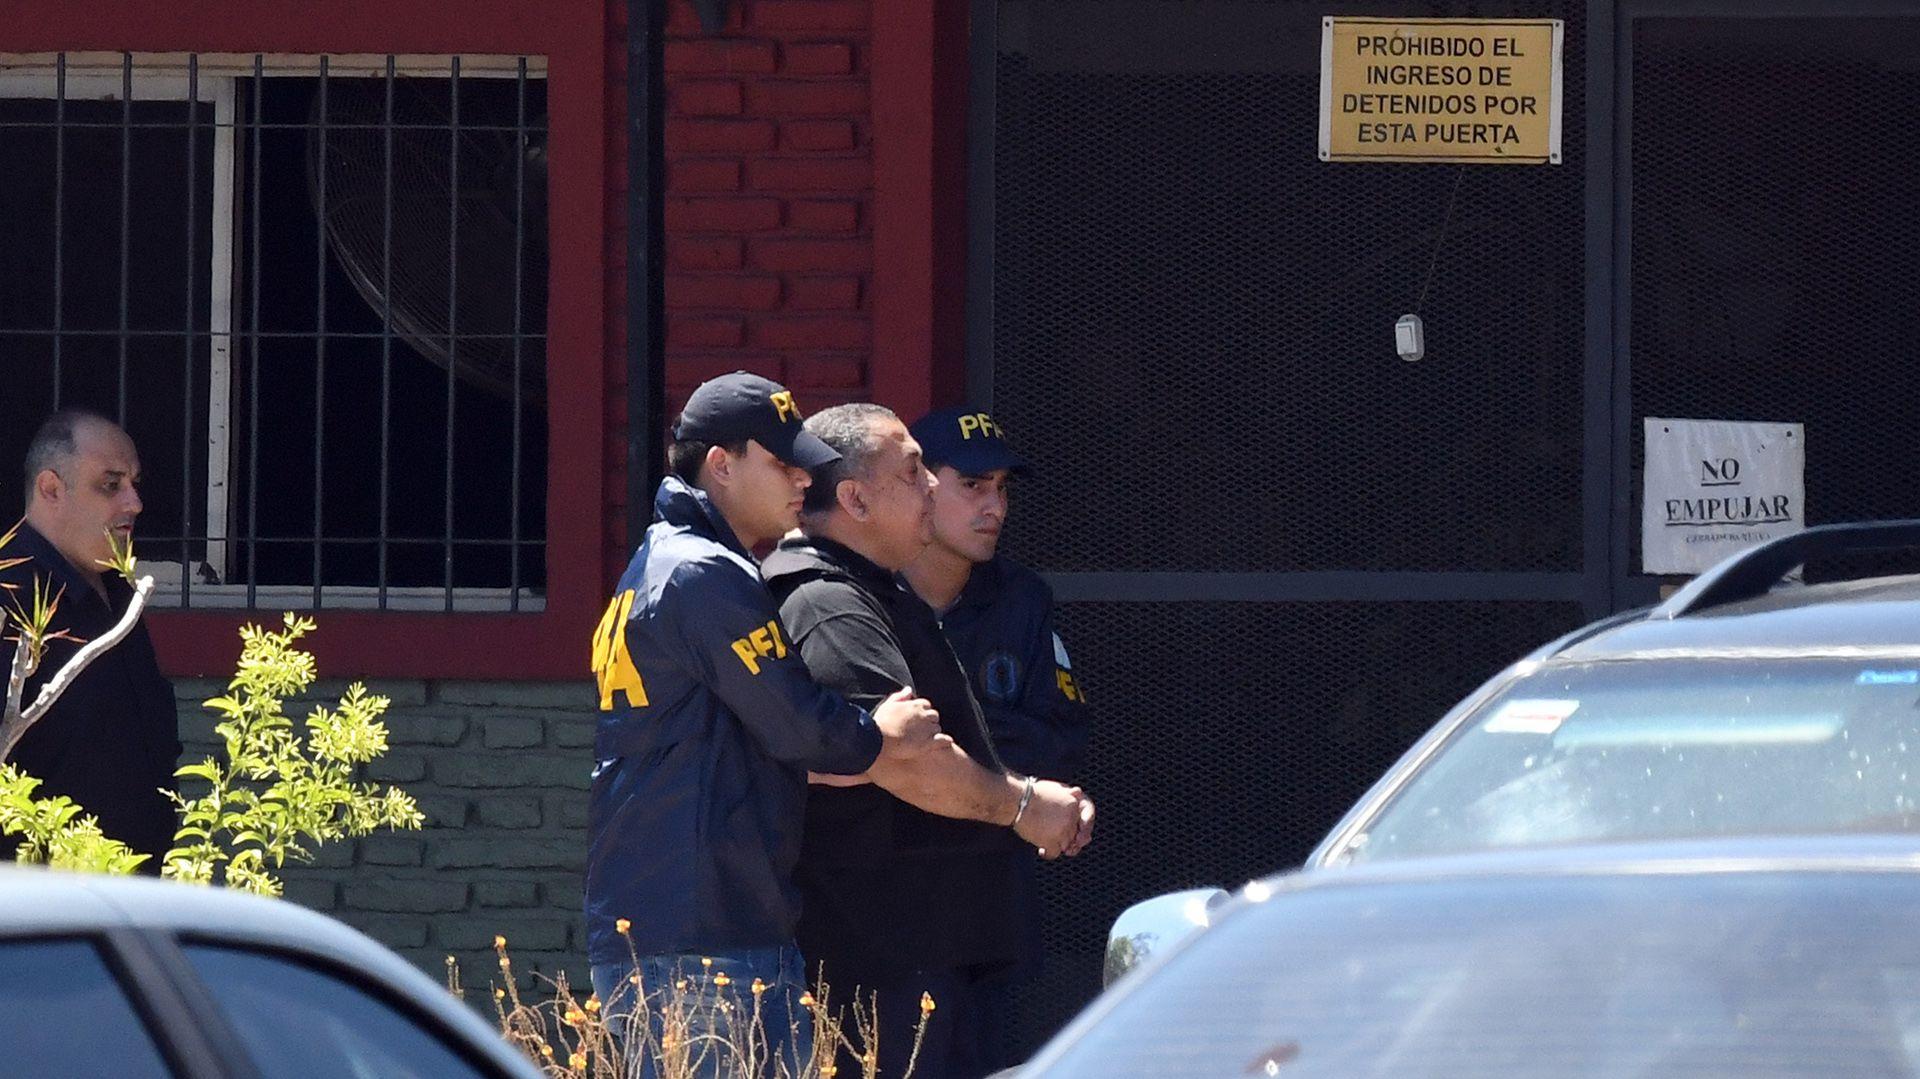 El dirigente social cumple una condena por usurpar una comisaría en el barrio de La Boca (Gustavo Amarelle)